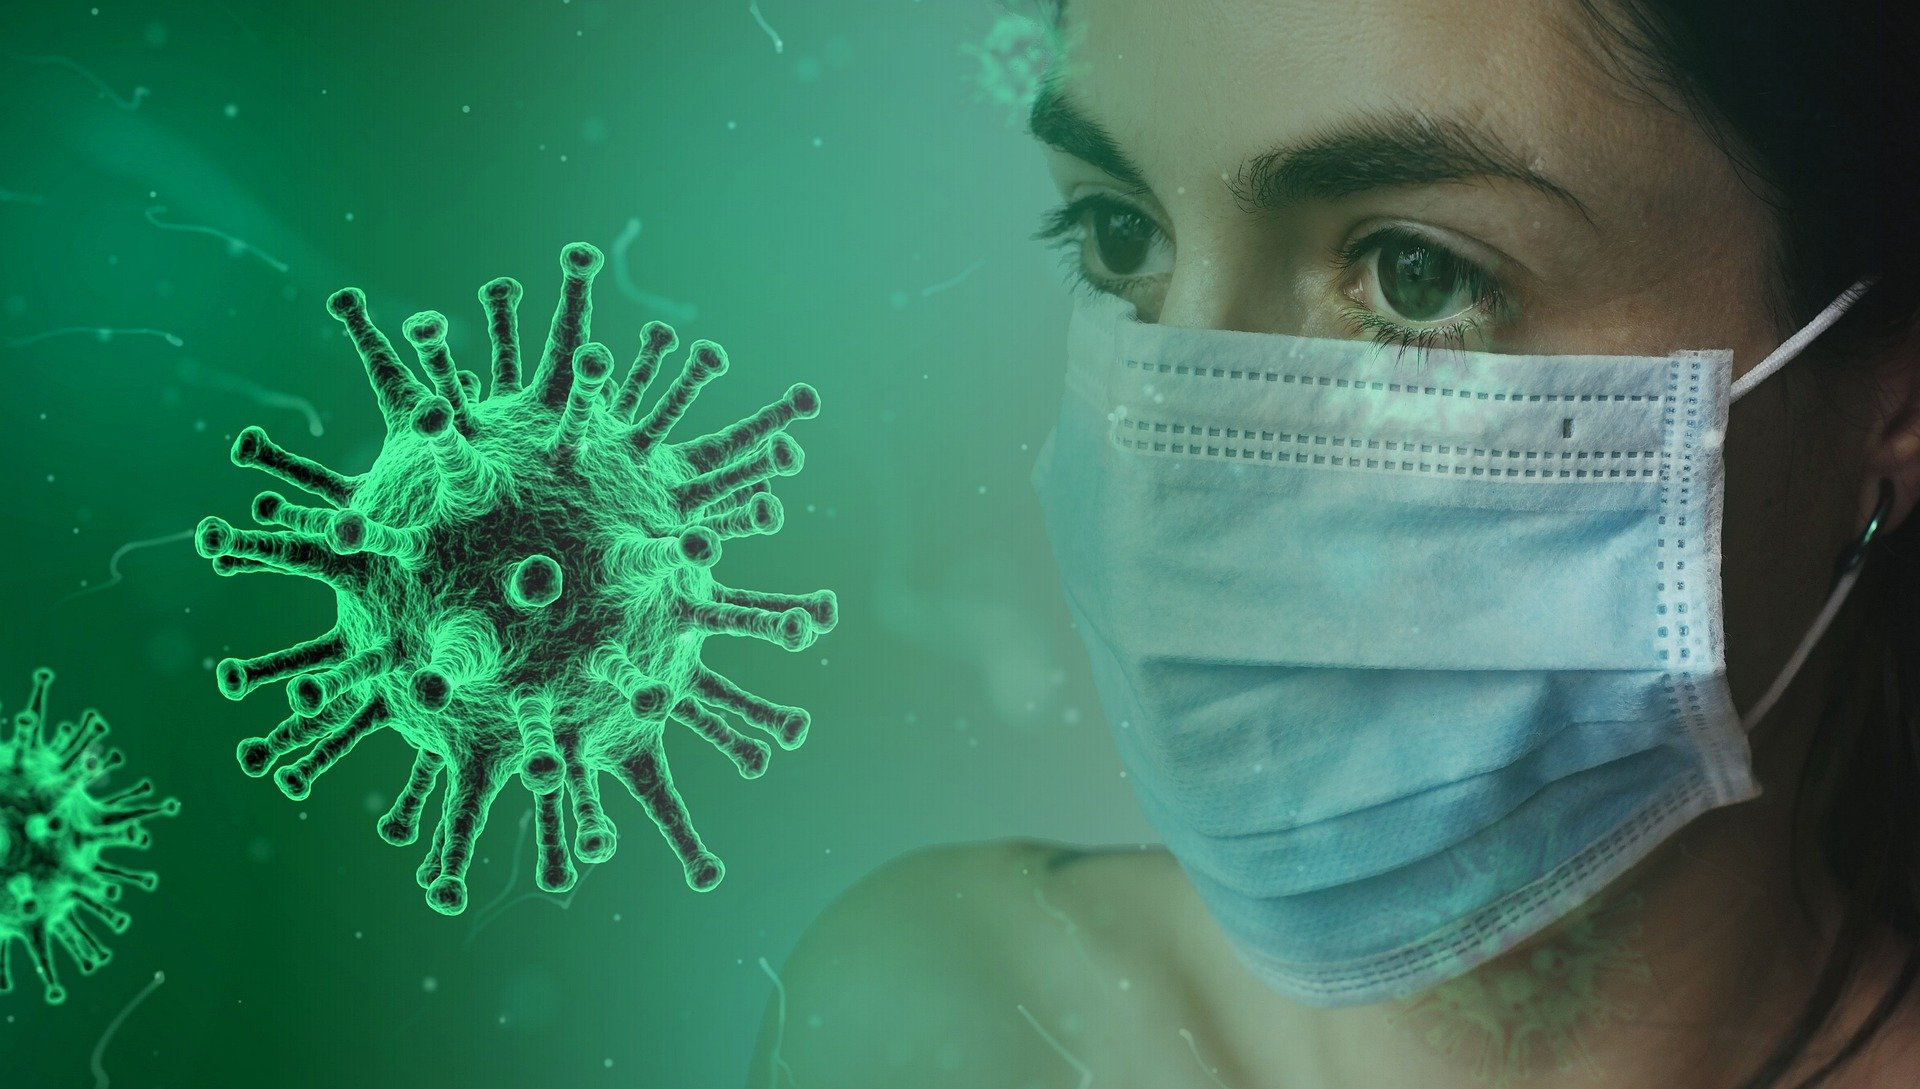 免疫力アップ